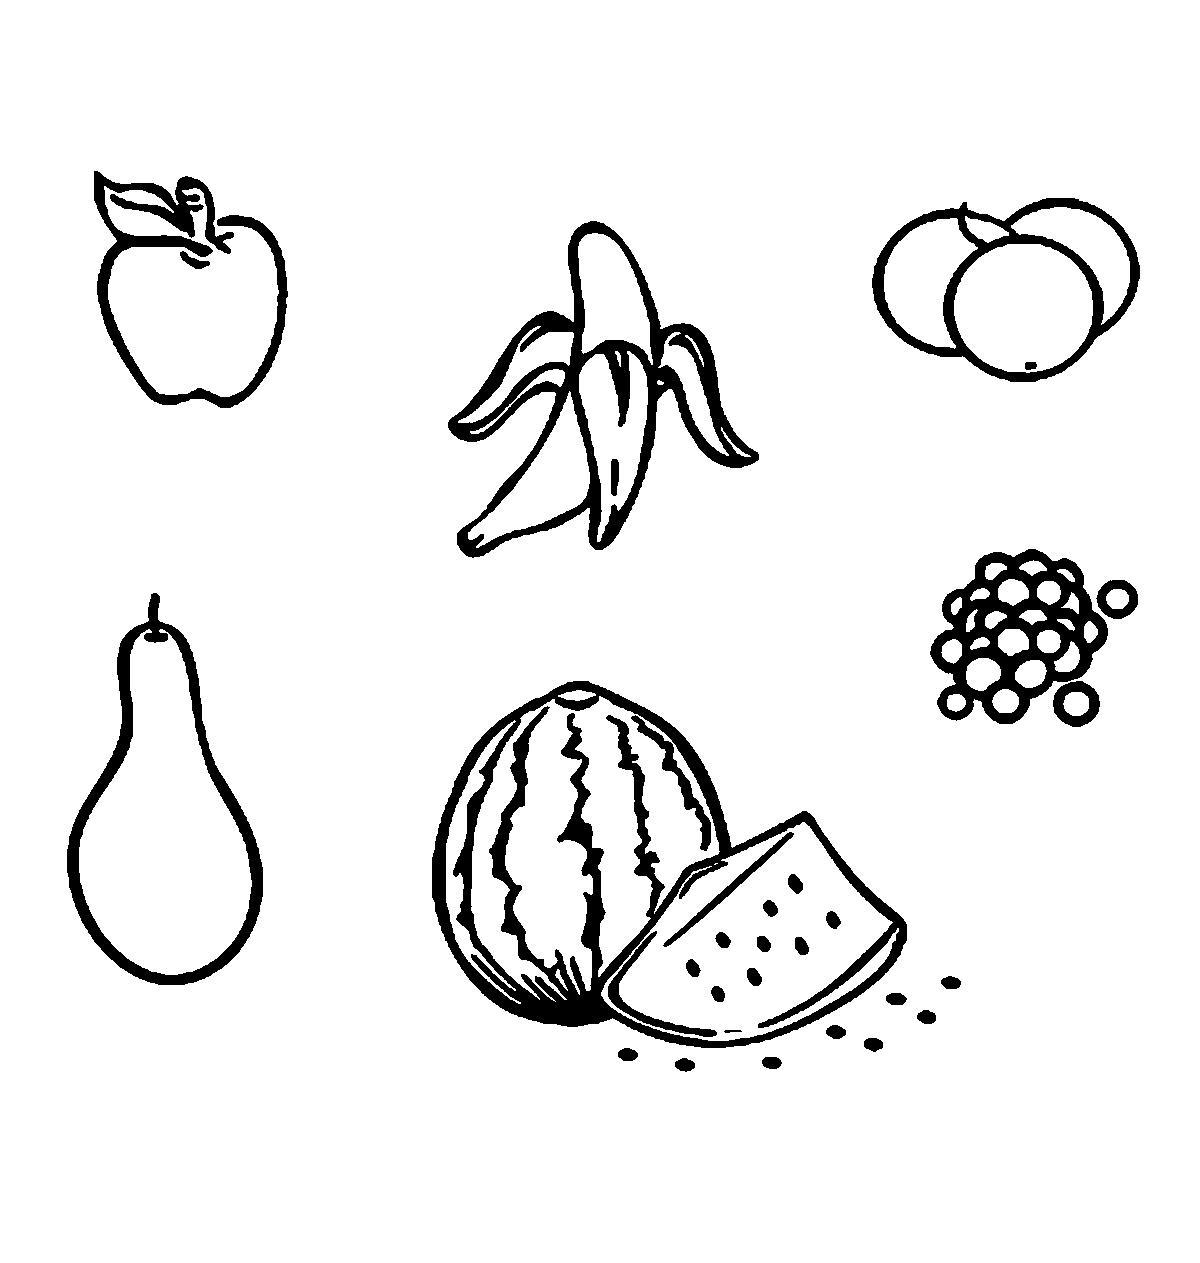 Раскраски вырезания фрукты контур, шаблон для вырезания из бумаги